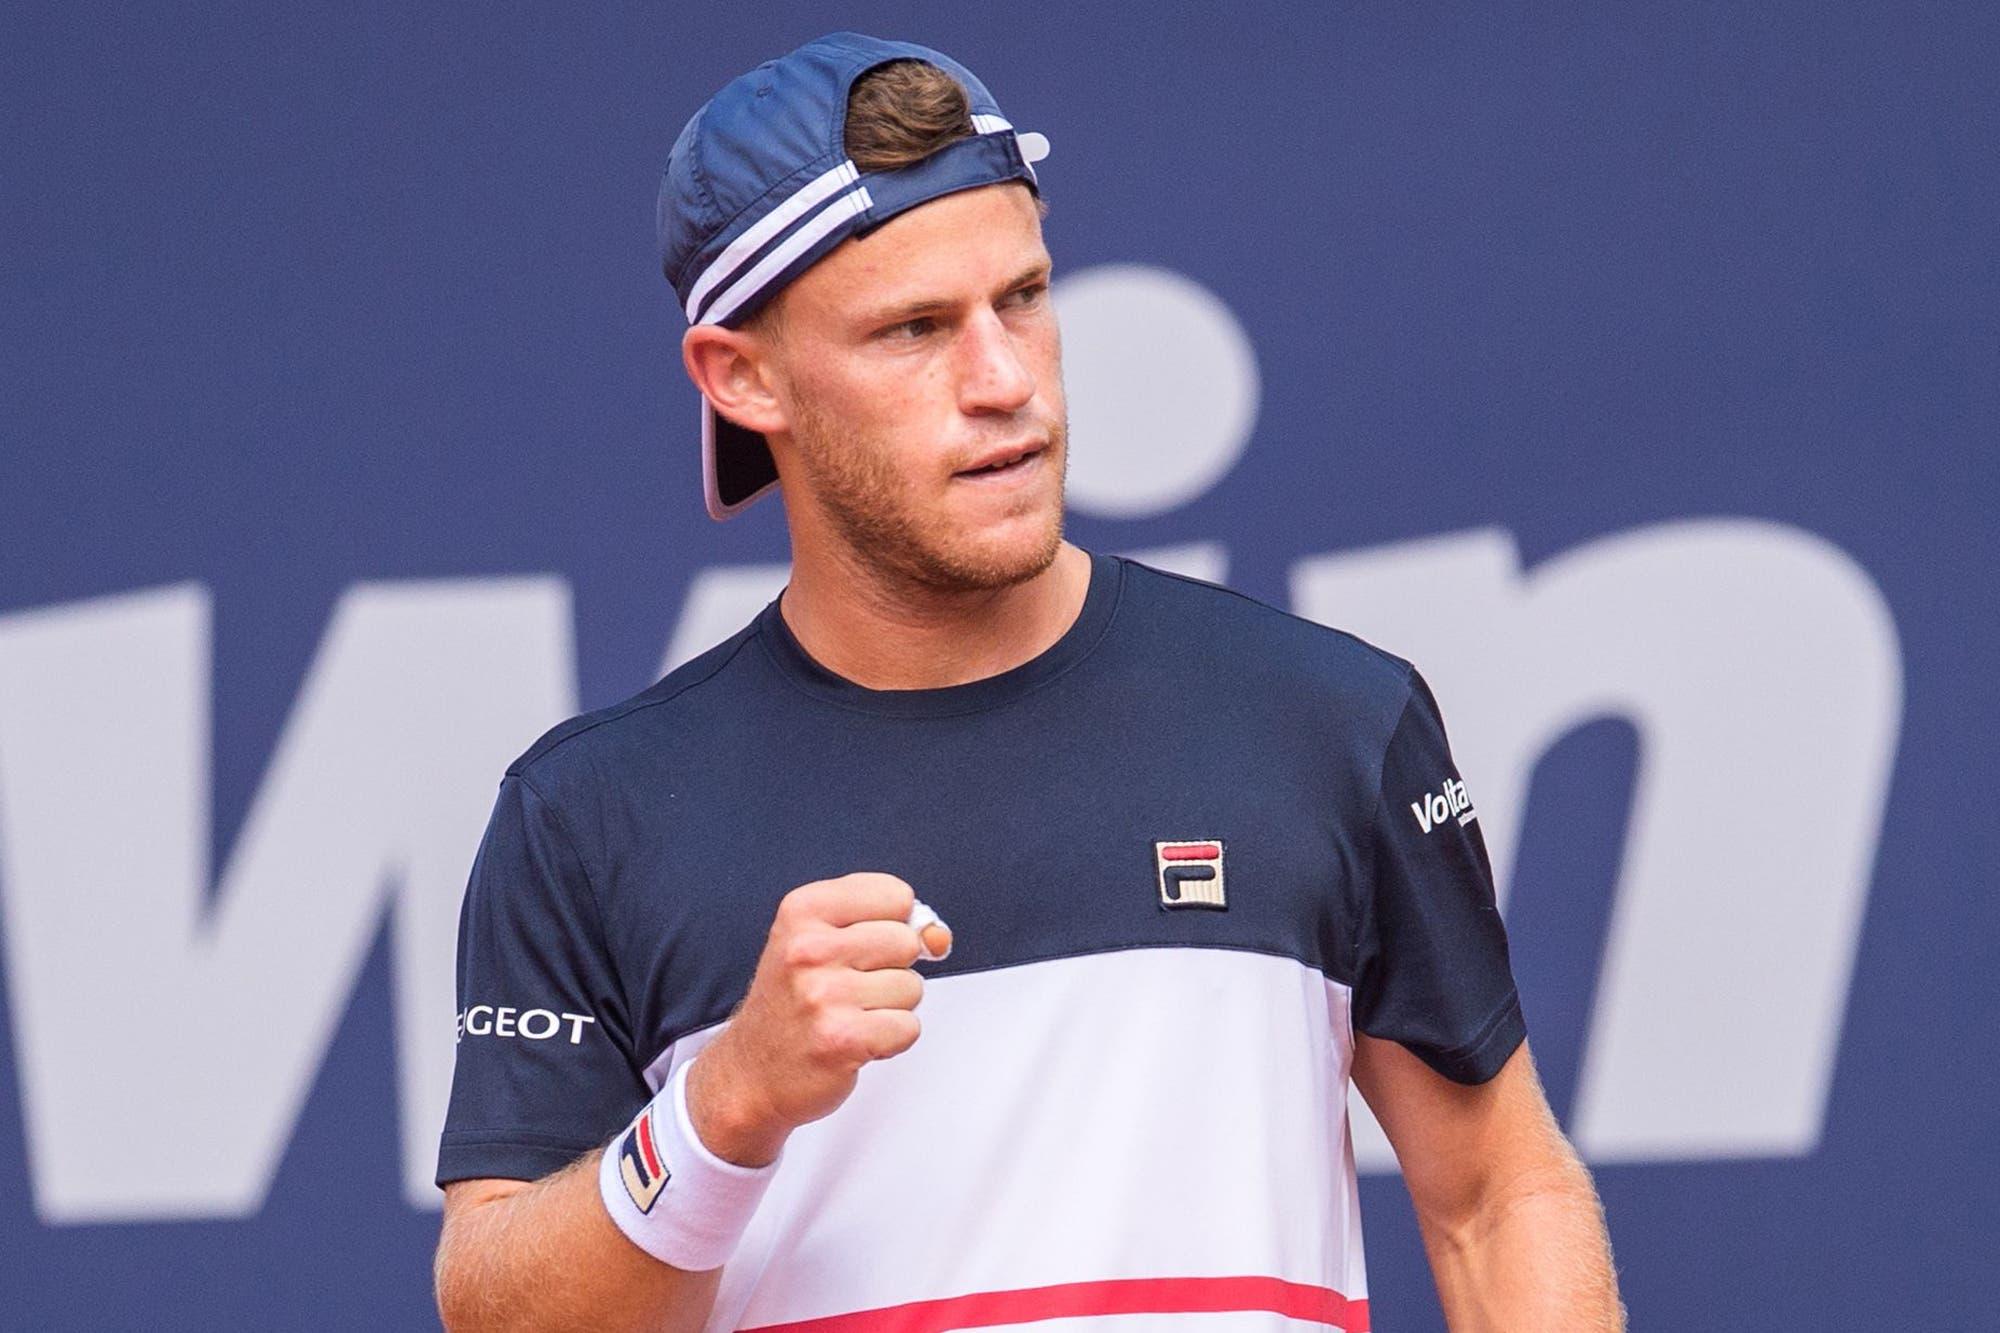 Diego Schwartzman juega ante Daniel Masur en el ATP 500 Hamburgo